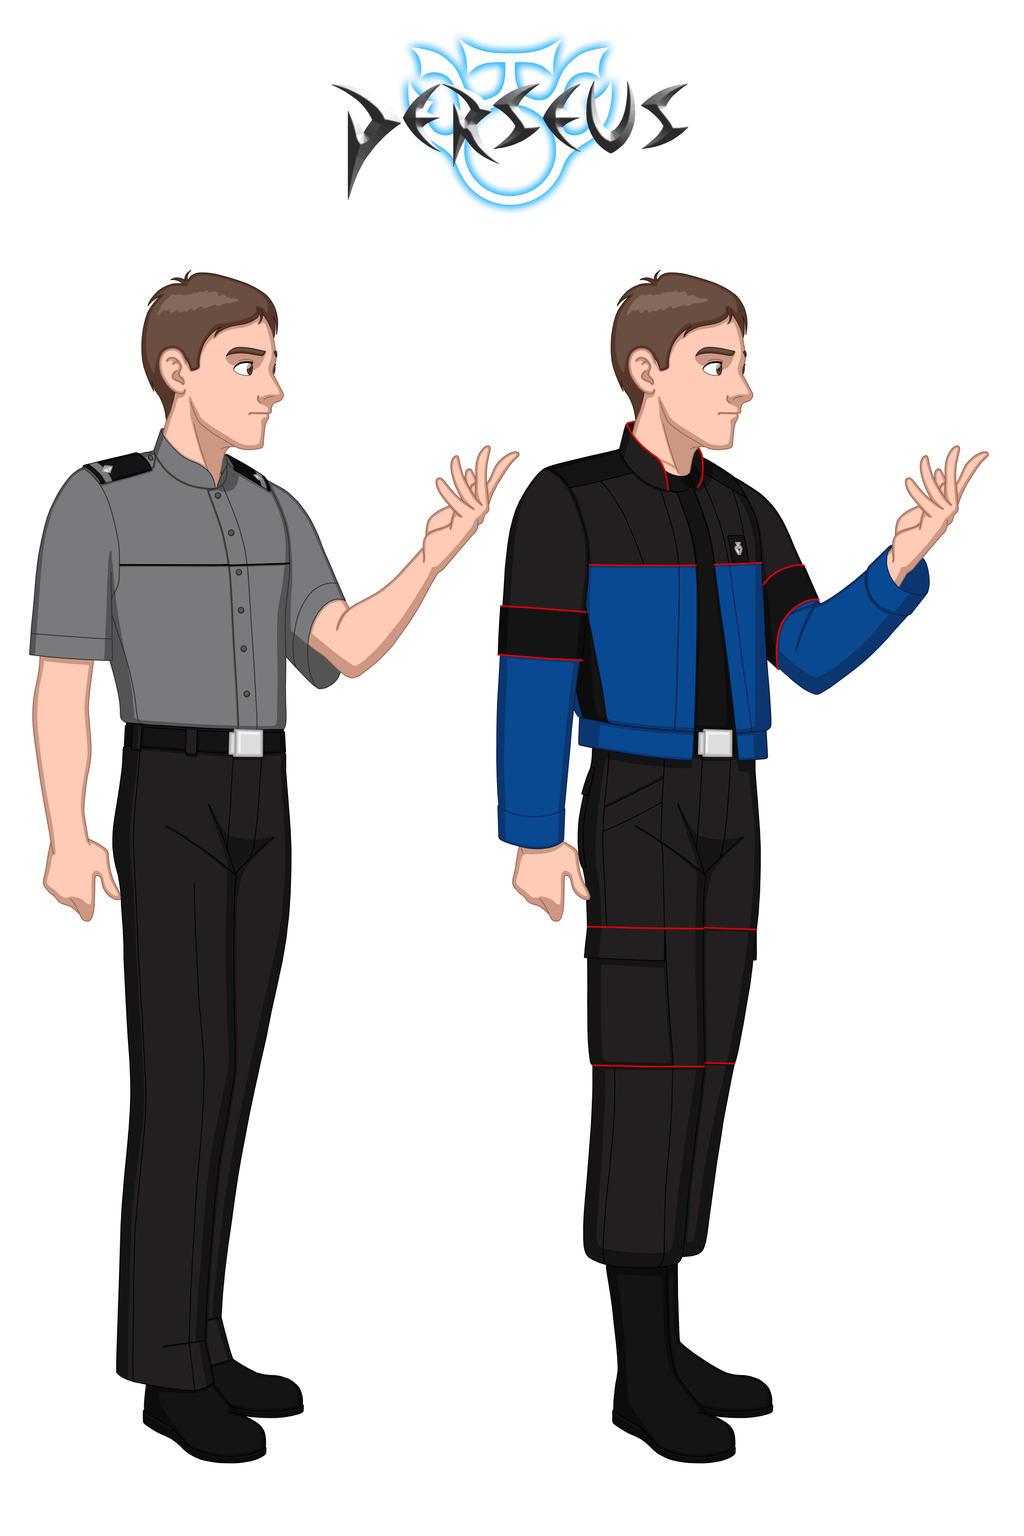 PERSEUS - Wardrobe Test - Cameron